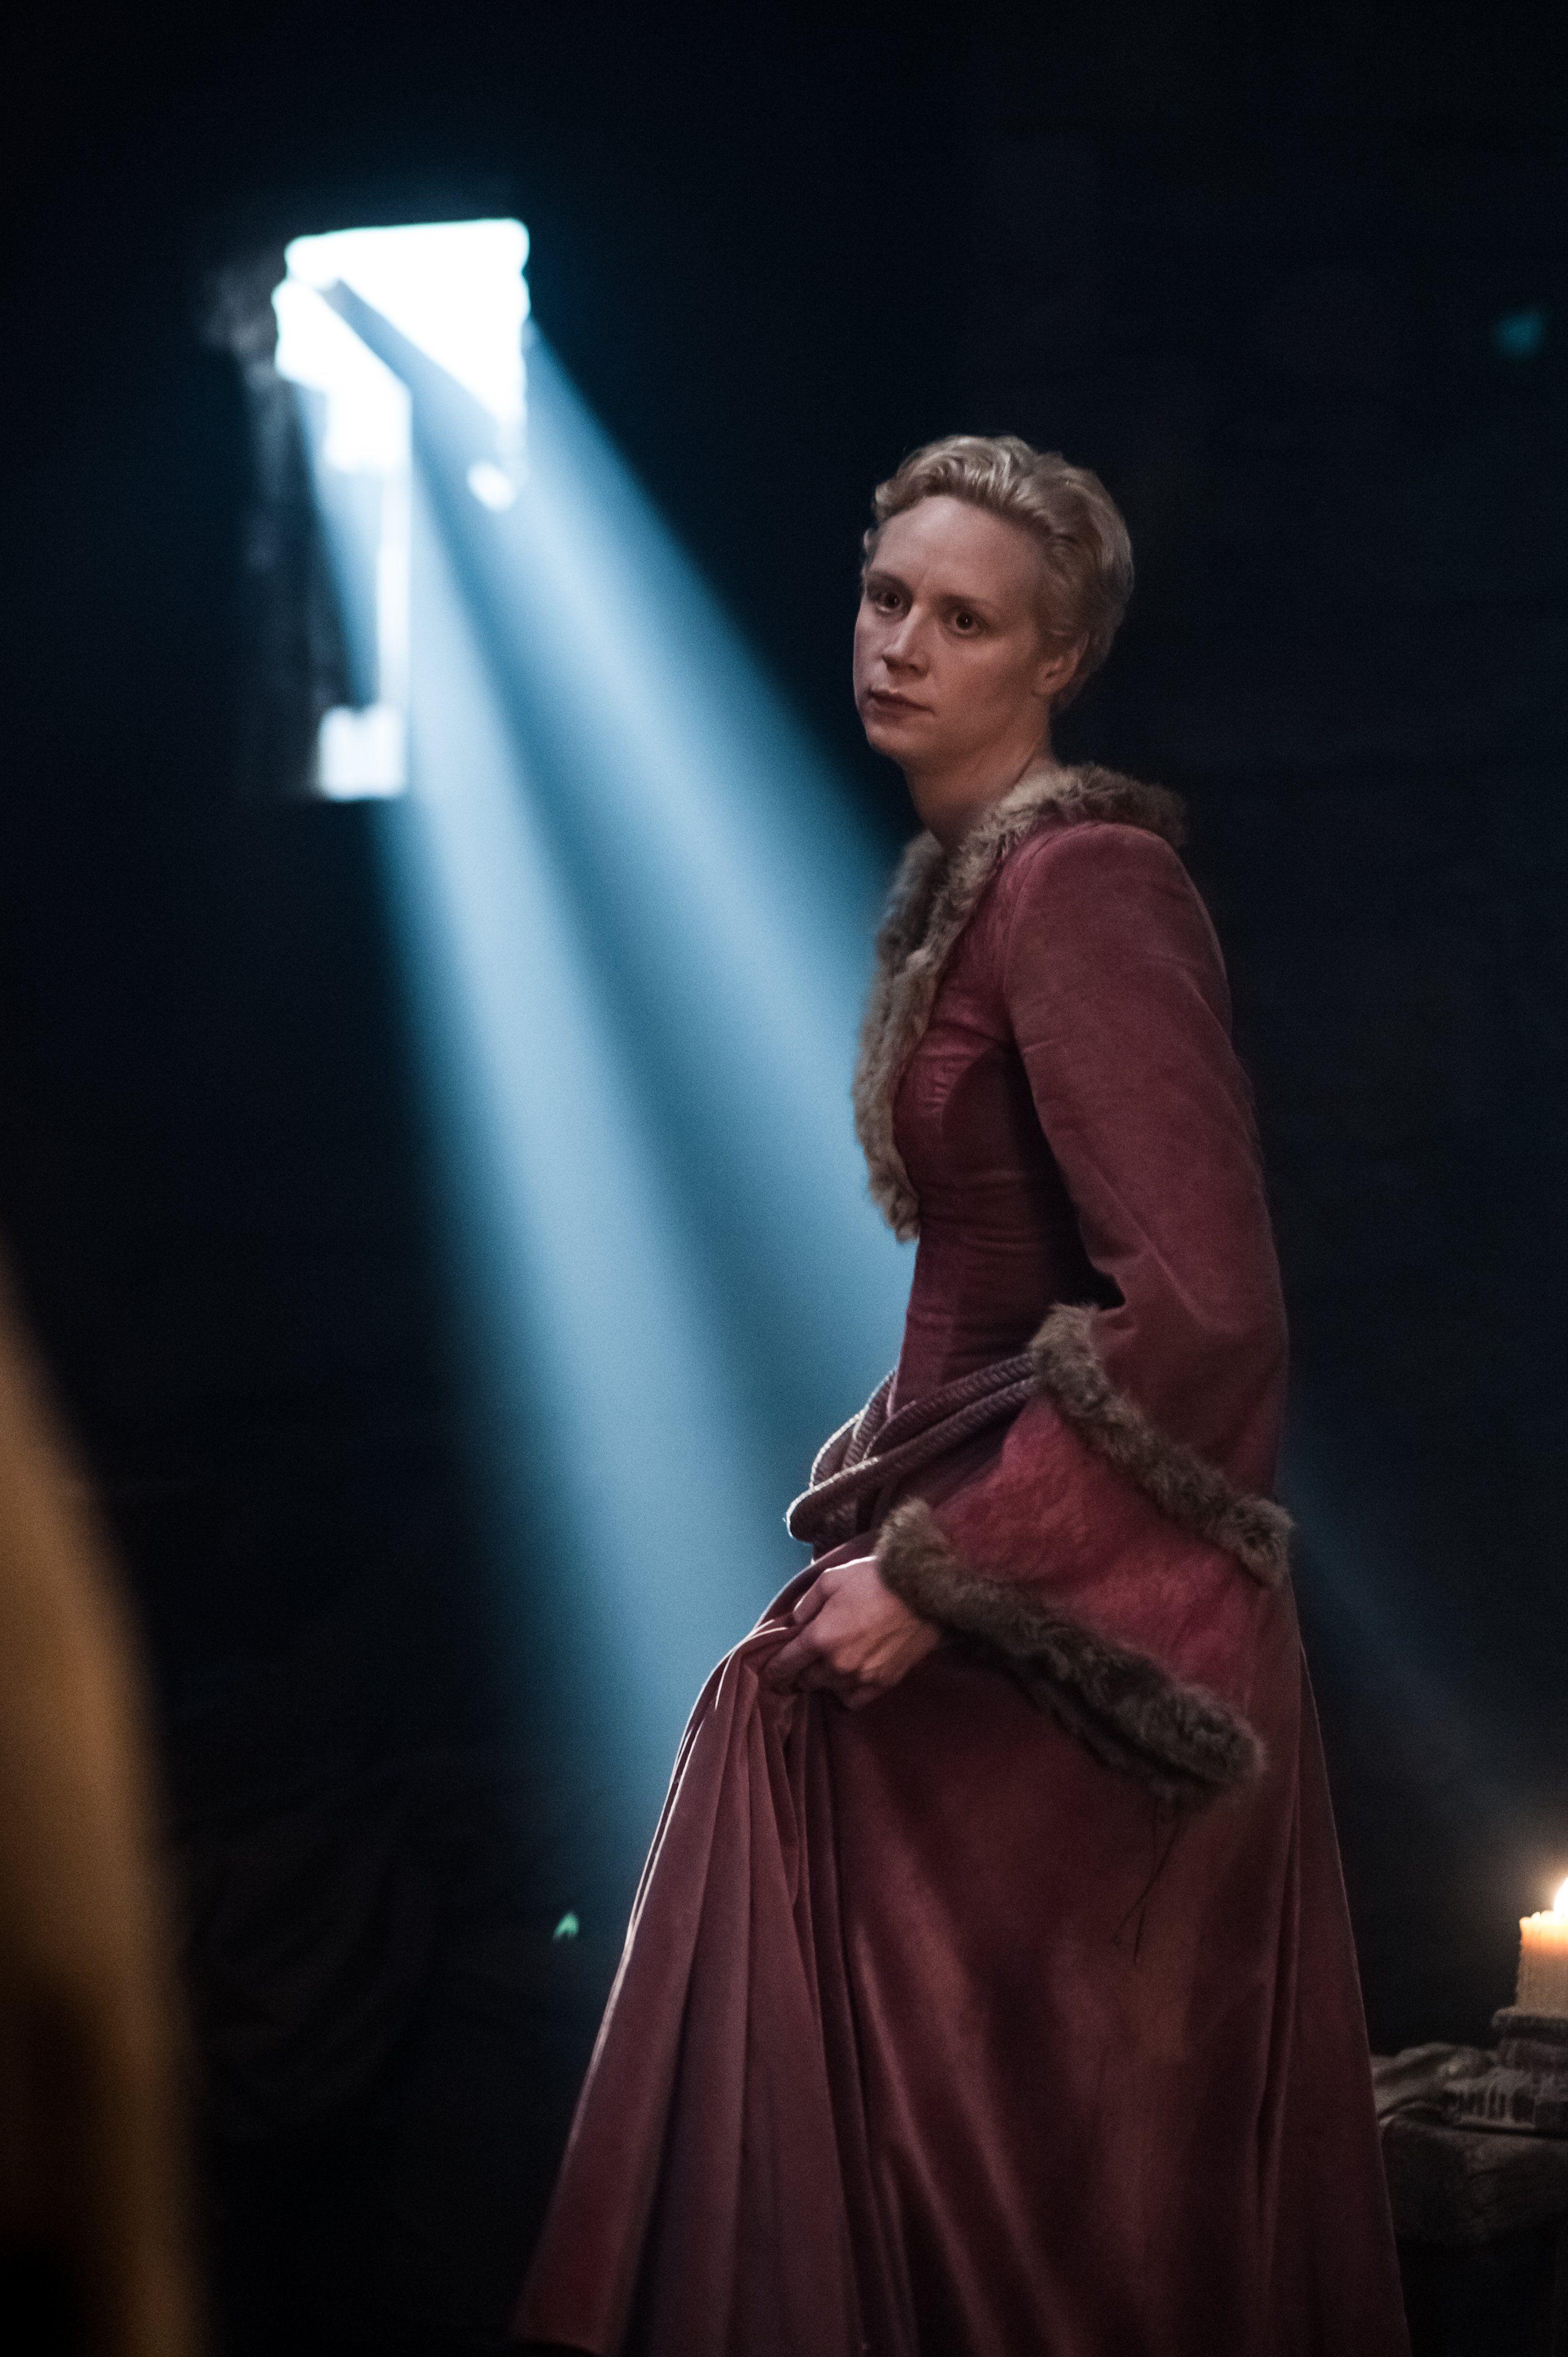 23++ Brienne of tarth blue dress ideas